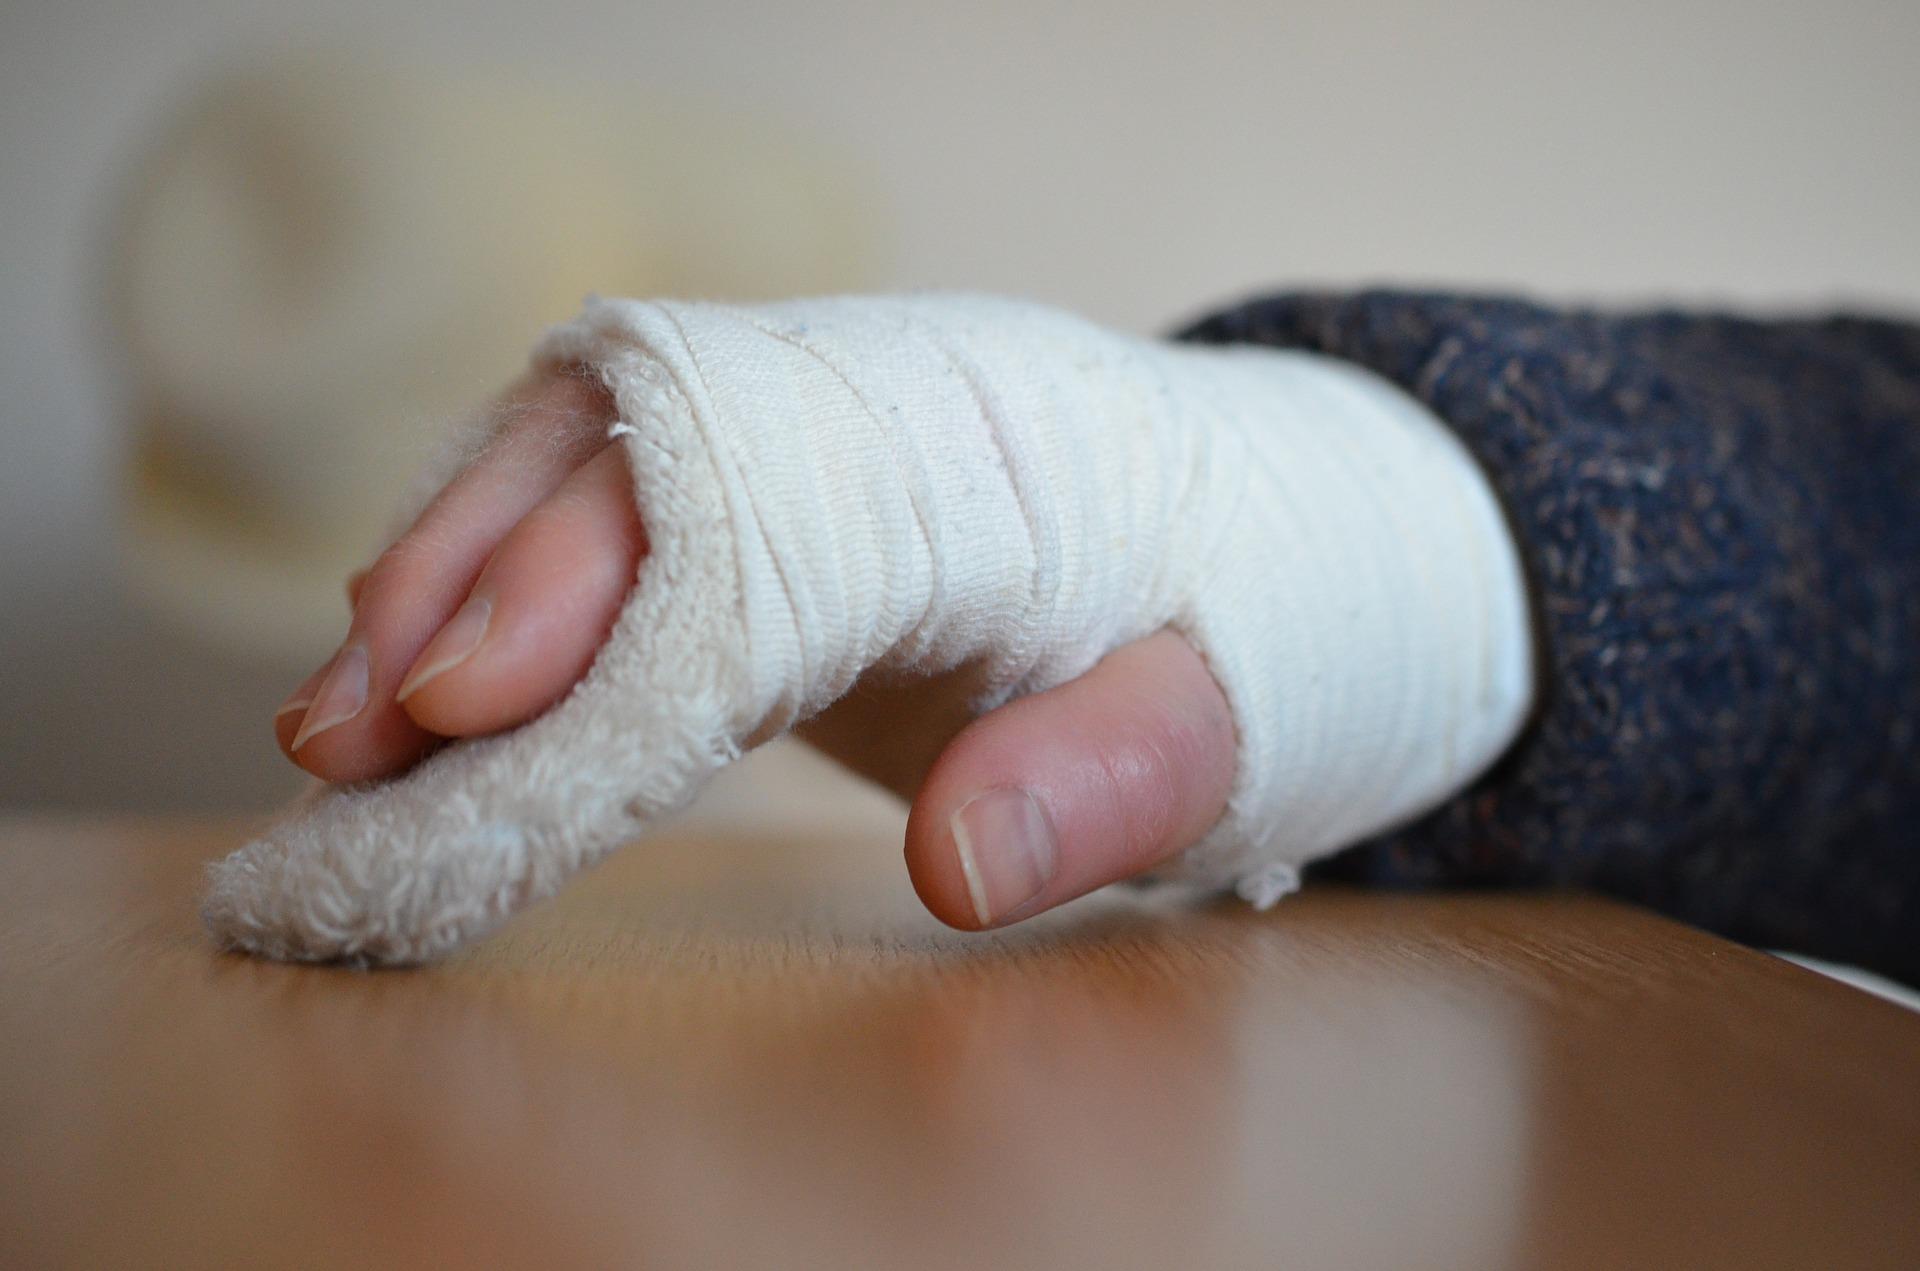 Aποκατάσταση καταγμάτων του χεριού και των δαχτύλων.